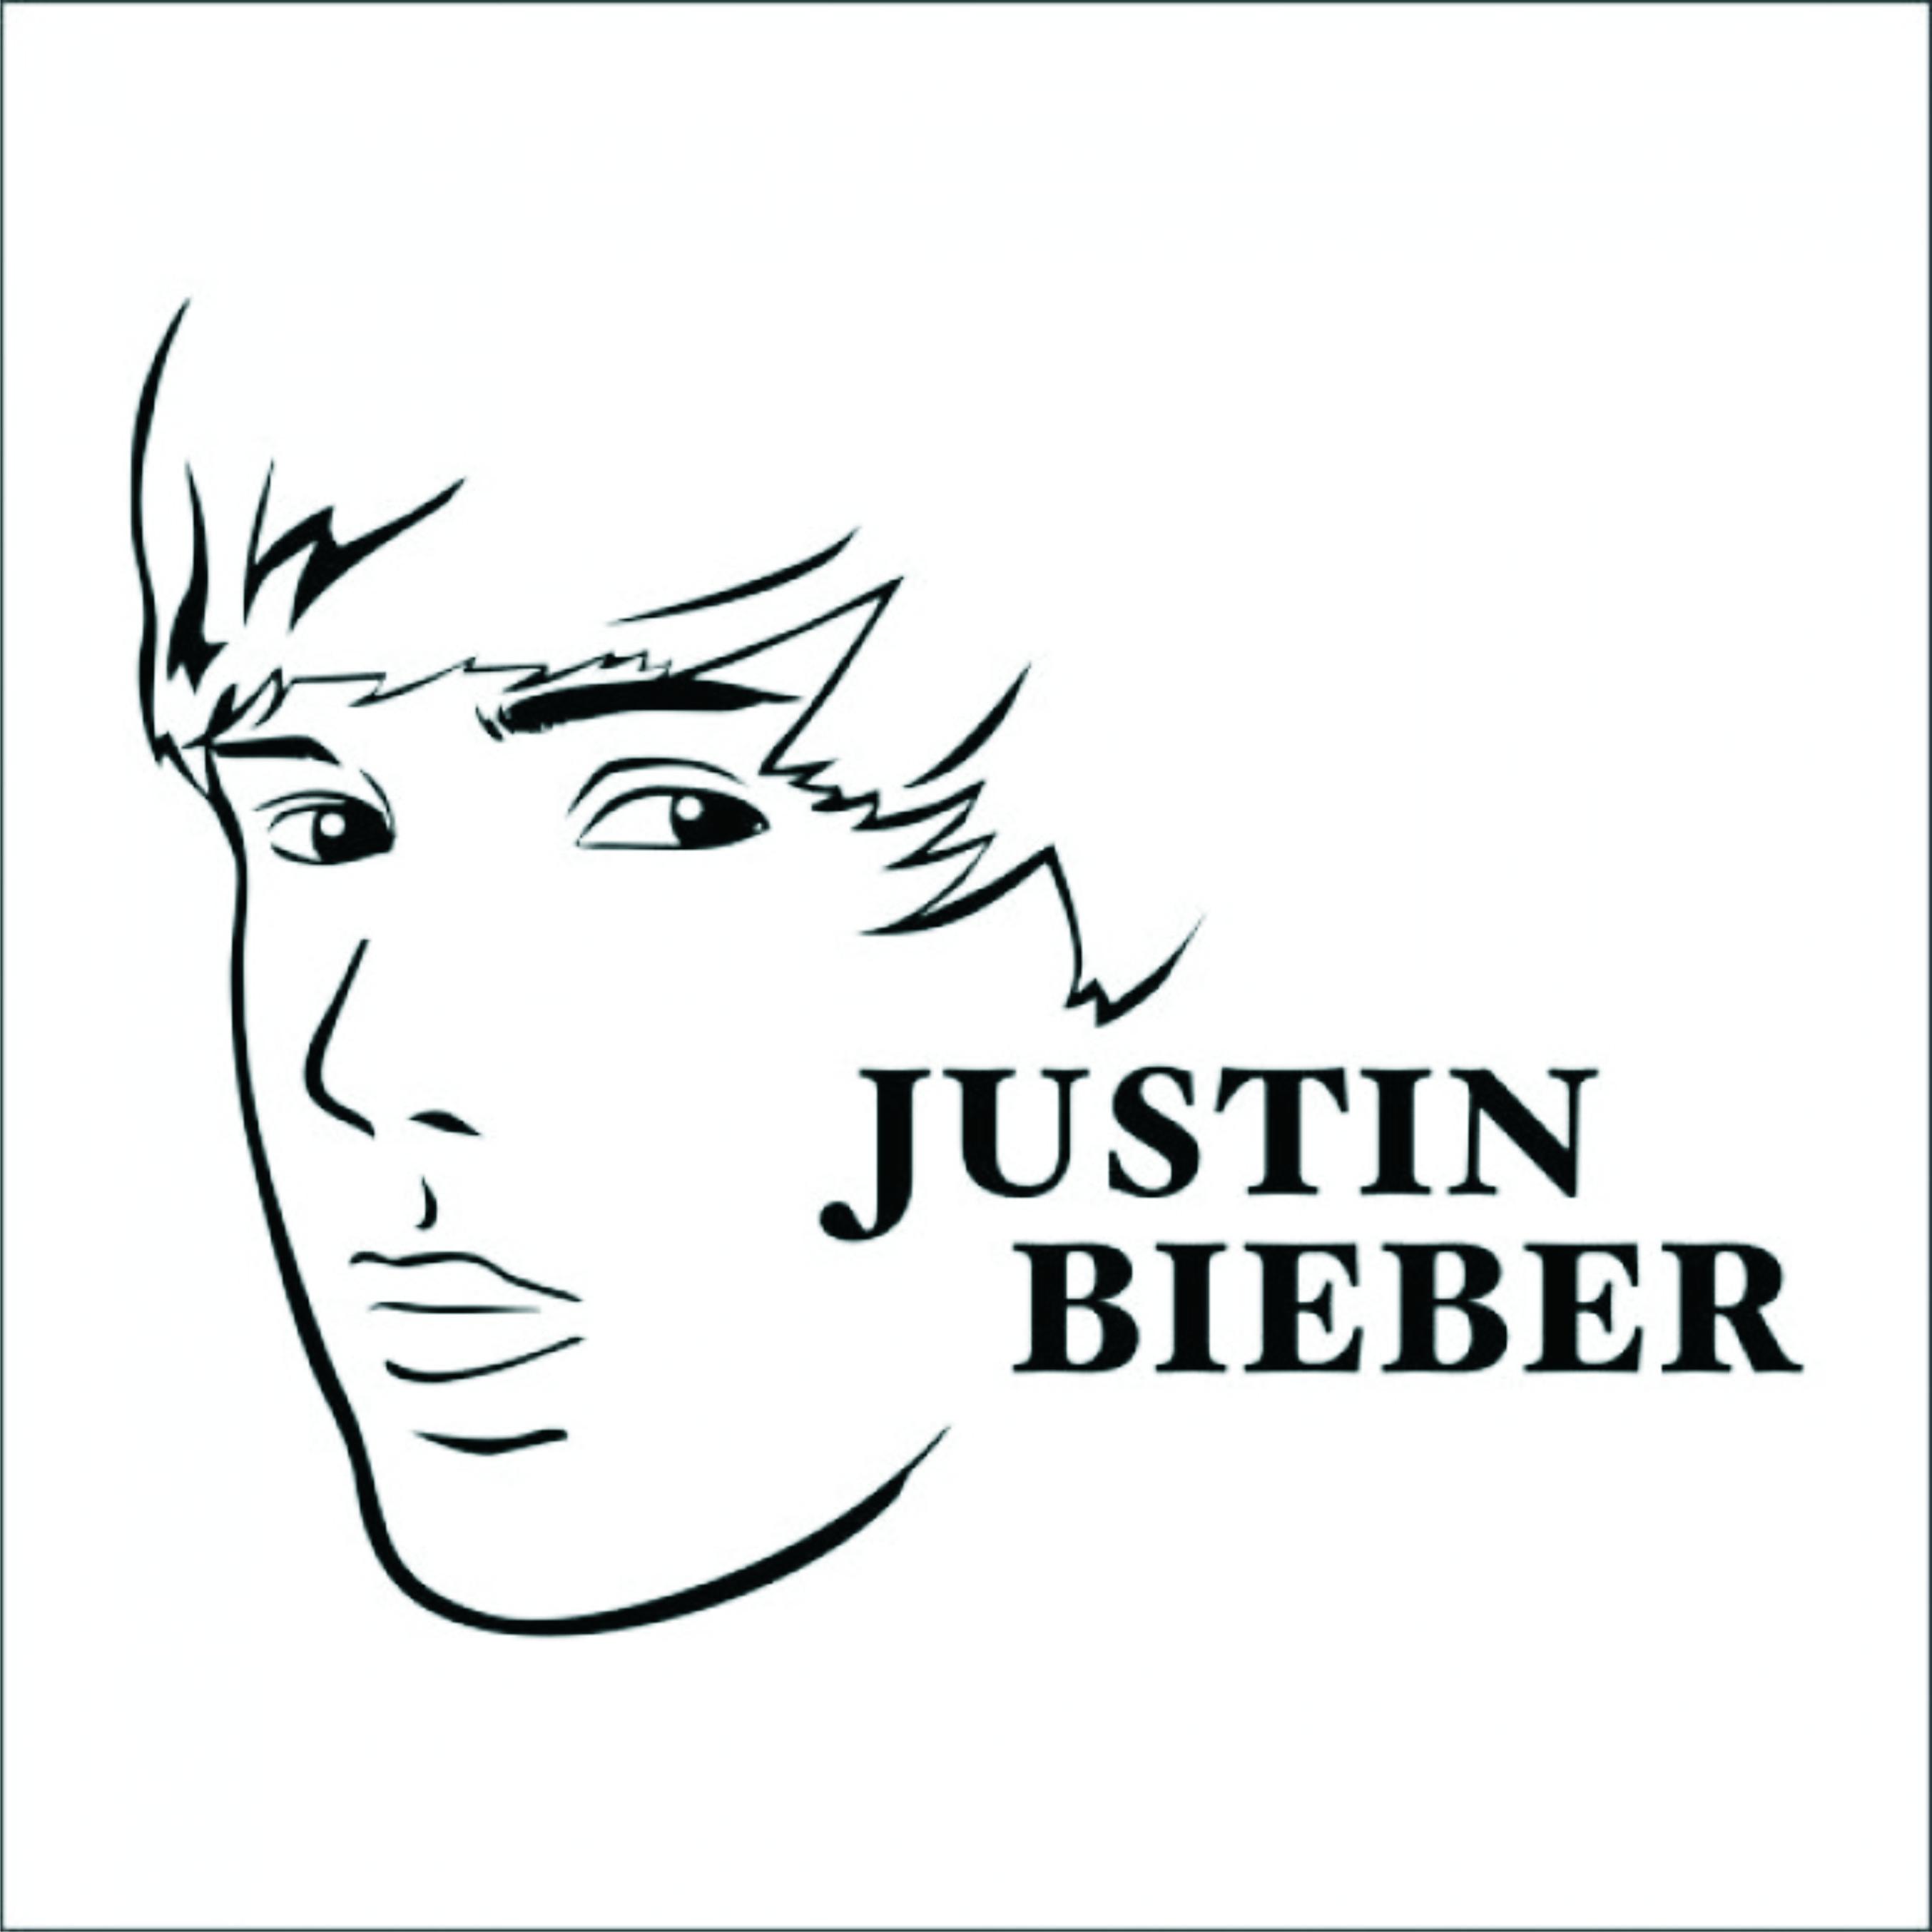 Adesivo De Parede Justin Bieber ~ Adesivo De Parede Musical Justin Bieber Adesivos de Parede com Frete Grátis Elo7